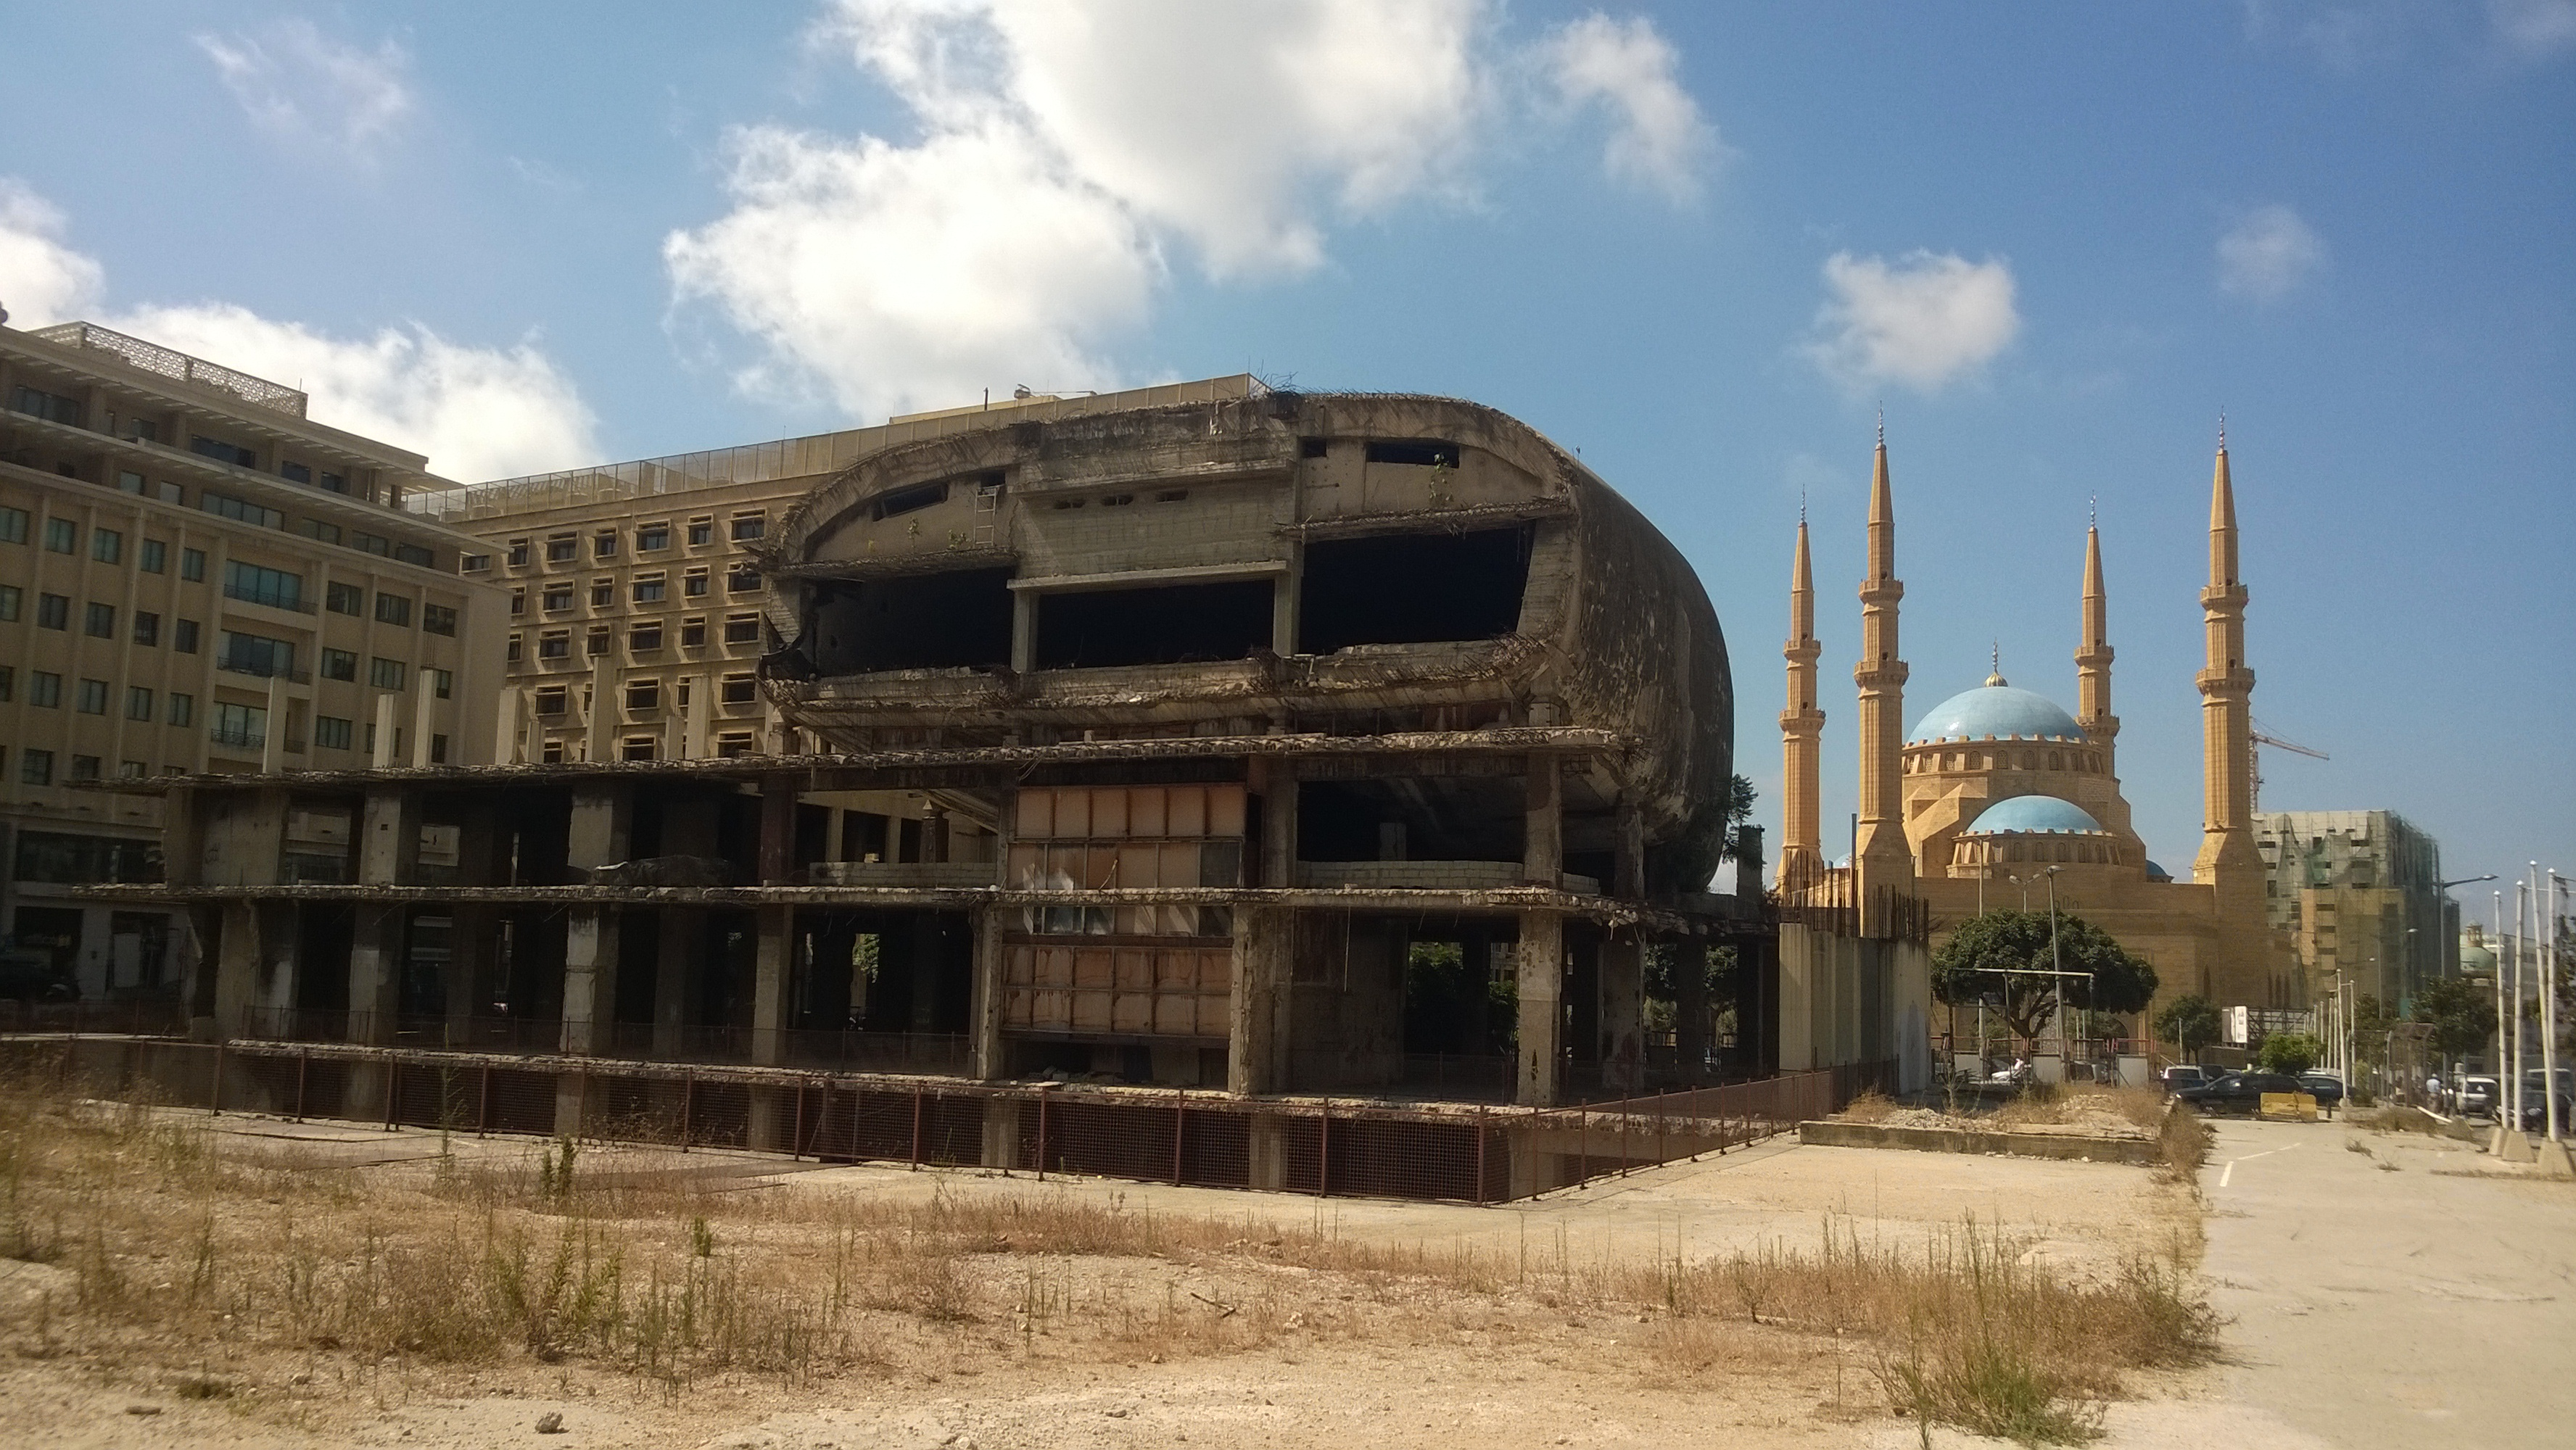 L'Oeuf, ou le Dôme, était le premier et le plus grand cinéma au Liban dans les années 50. Durant la guerre civile, une grande partie en a été détruite. Crédit Salomé Ietter